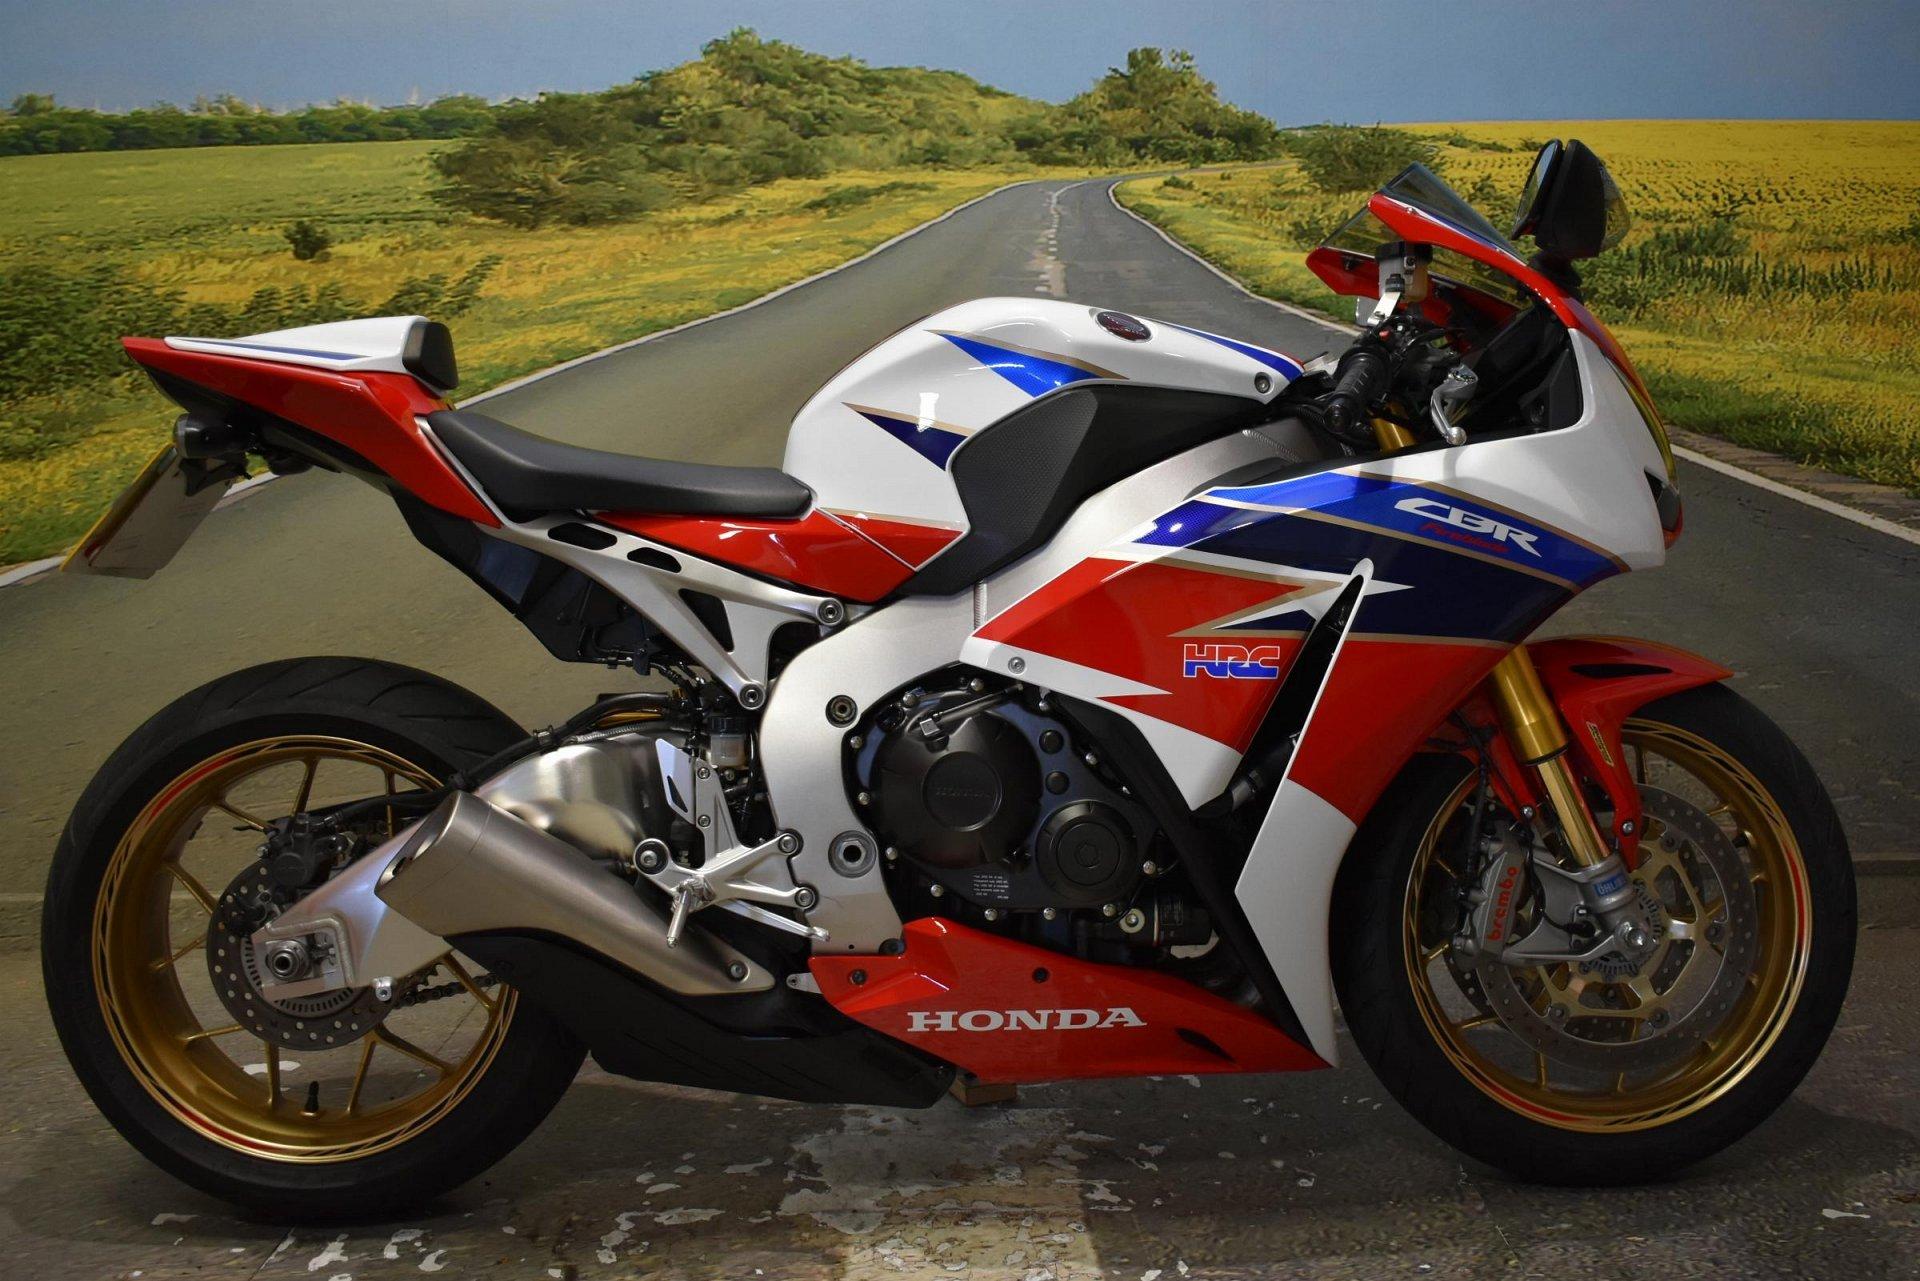 2016 Honda CBR1000RR SP  Fireblabe for sale in Derbyshire